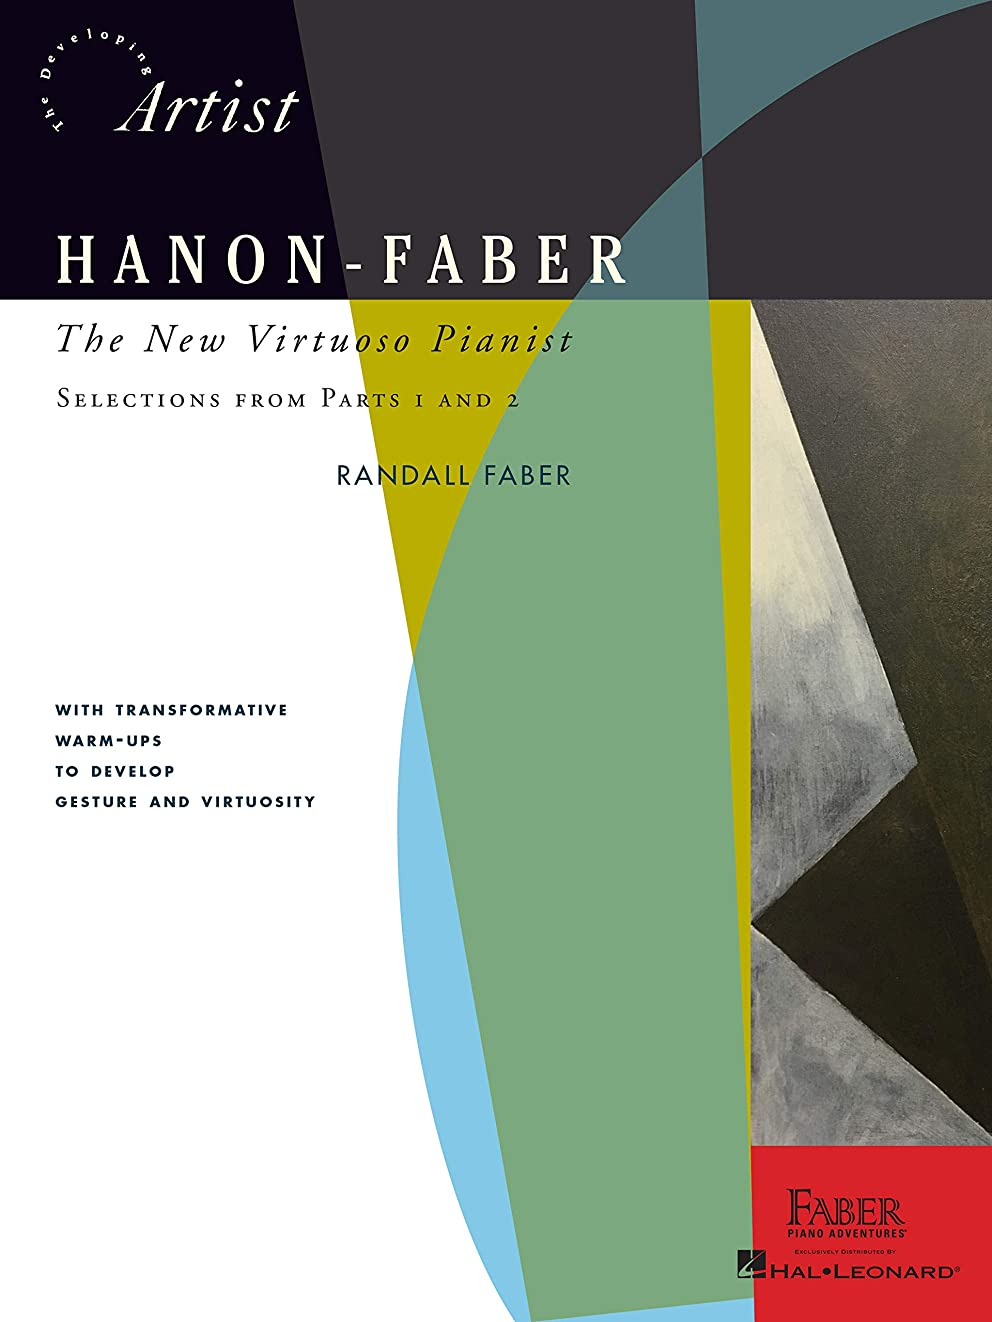 流暢市場会員Hanon-Faber: The New Virtuoso Pianist: Selections from Parts 1 and 2 (The Developing Artist) (English Edition)